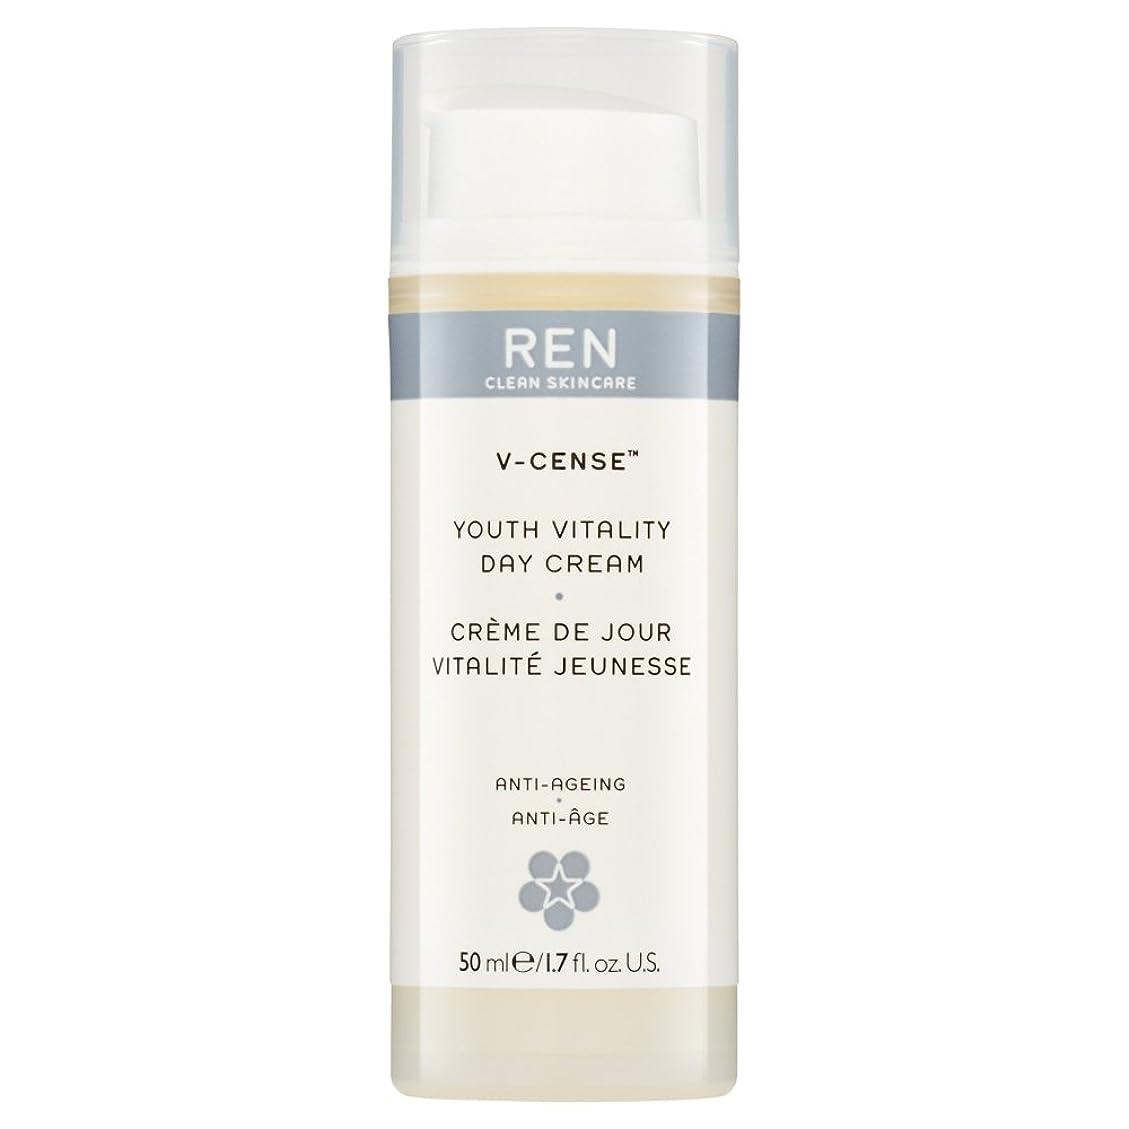 輝く哲学者腰RenのV-焼香する若者の活力のデイクリーム、50ミリリットル (REN) (x6) - REN V-Cense Youth Vitality Day Cream, 50ml (Pack of 6) [並行輸入品]